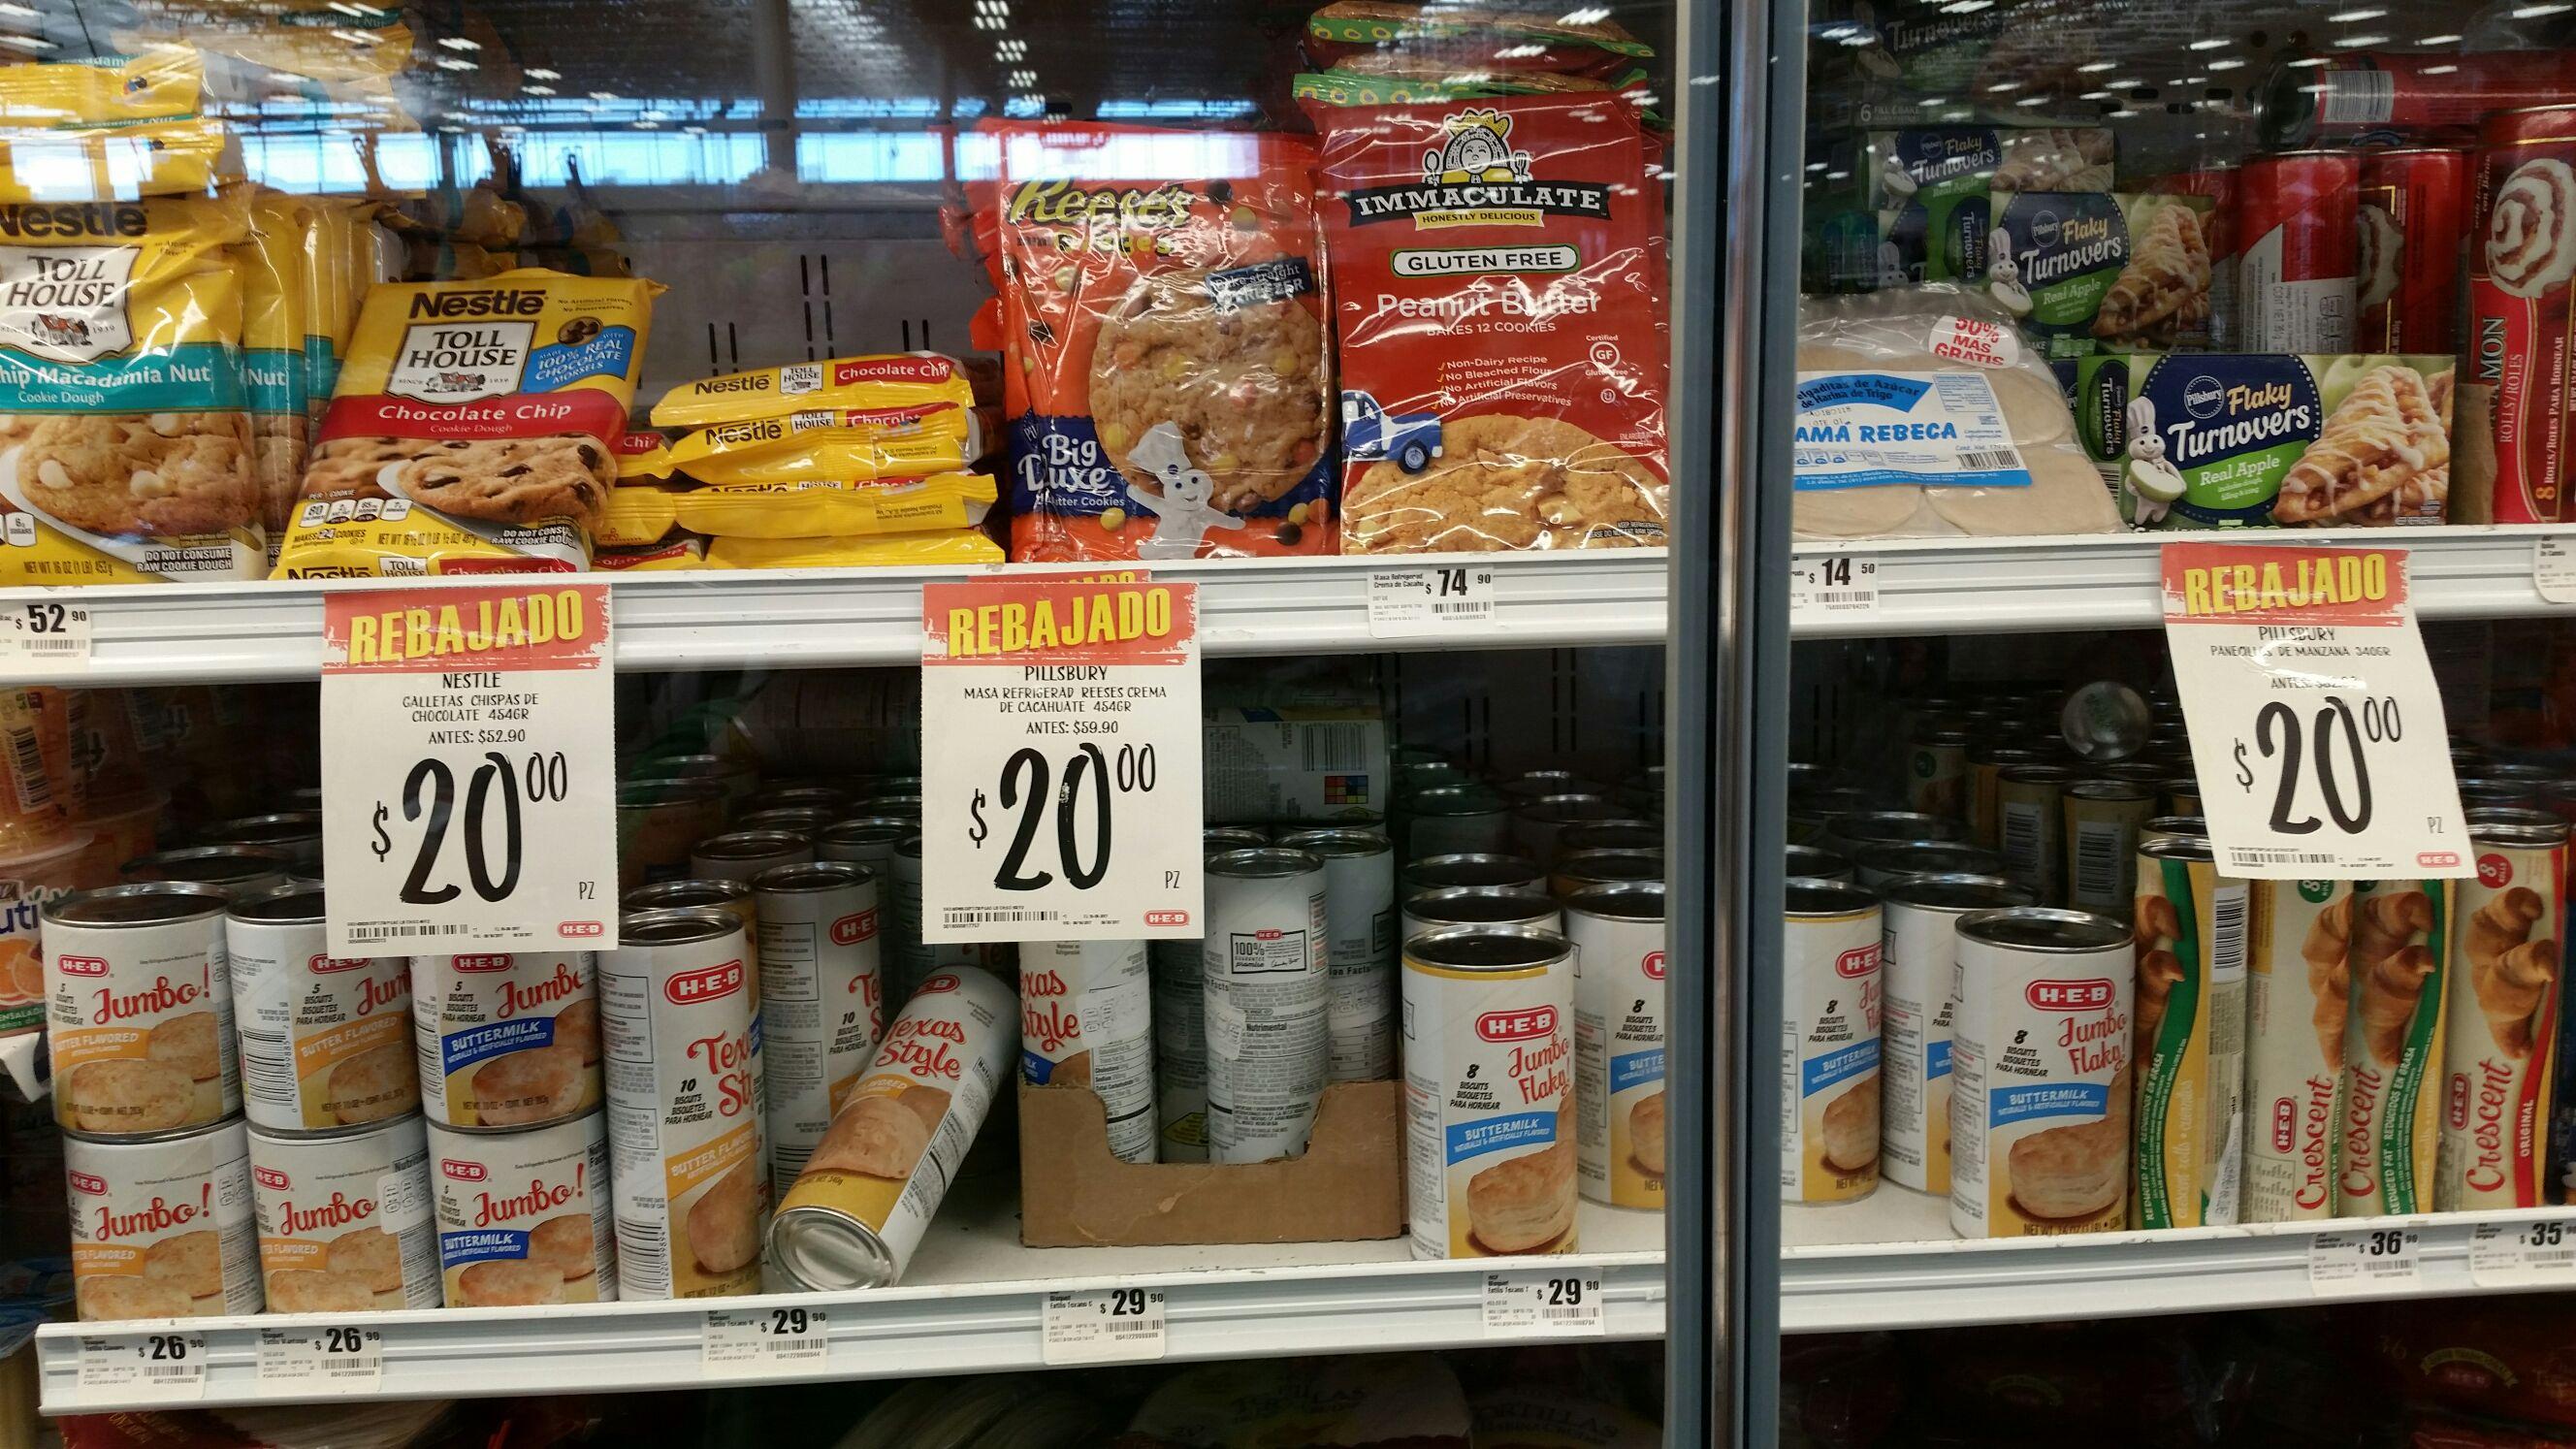 HEB: Masa para galletas y pastelillos de manzana Pillsbury y Nestlè